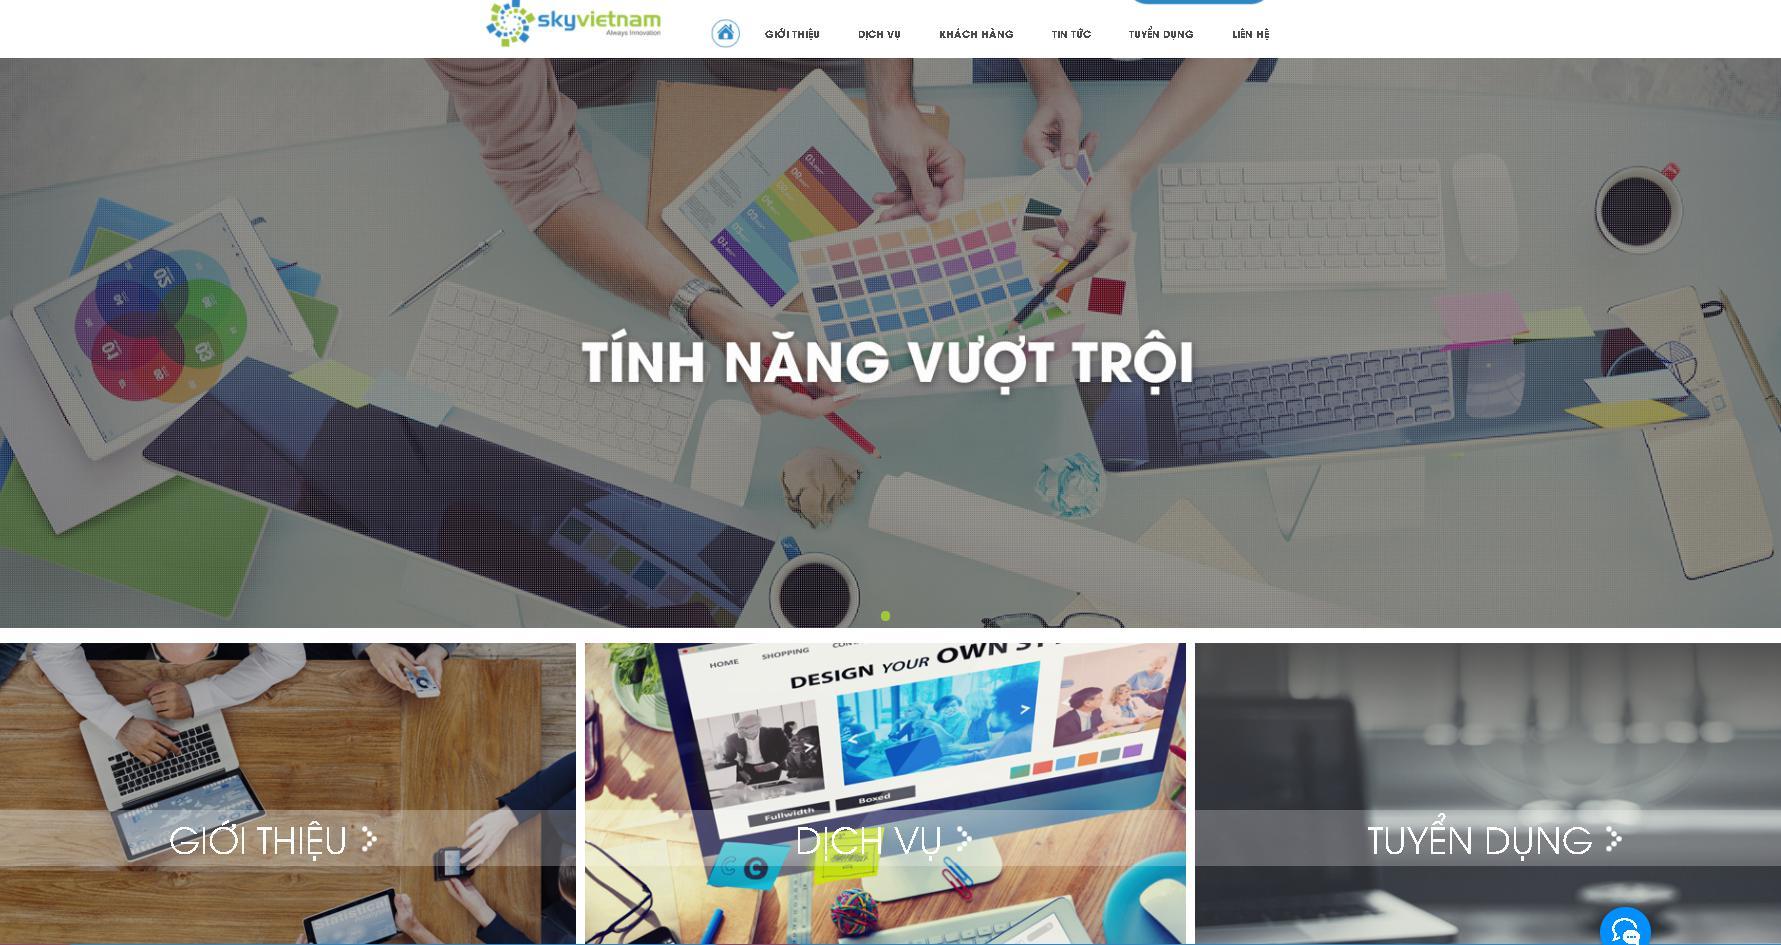 Công ty cổ phần công nghệ Sky Việt Nam